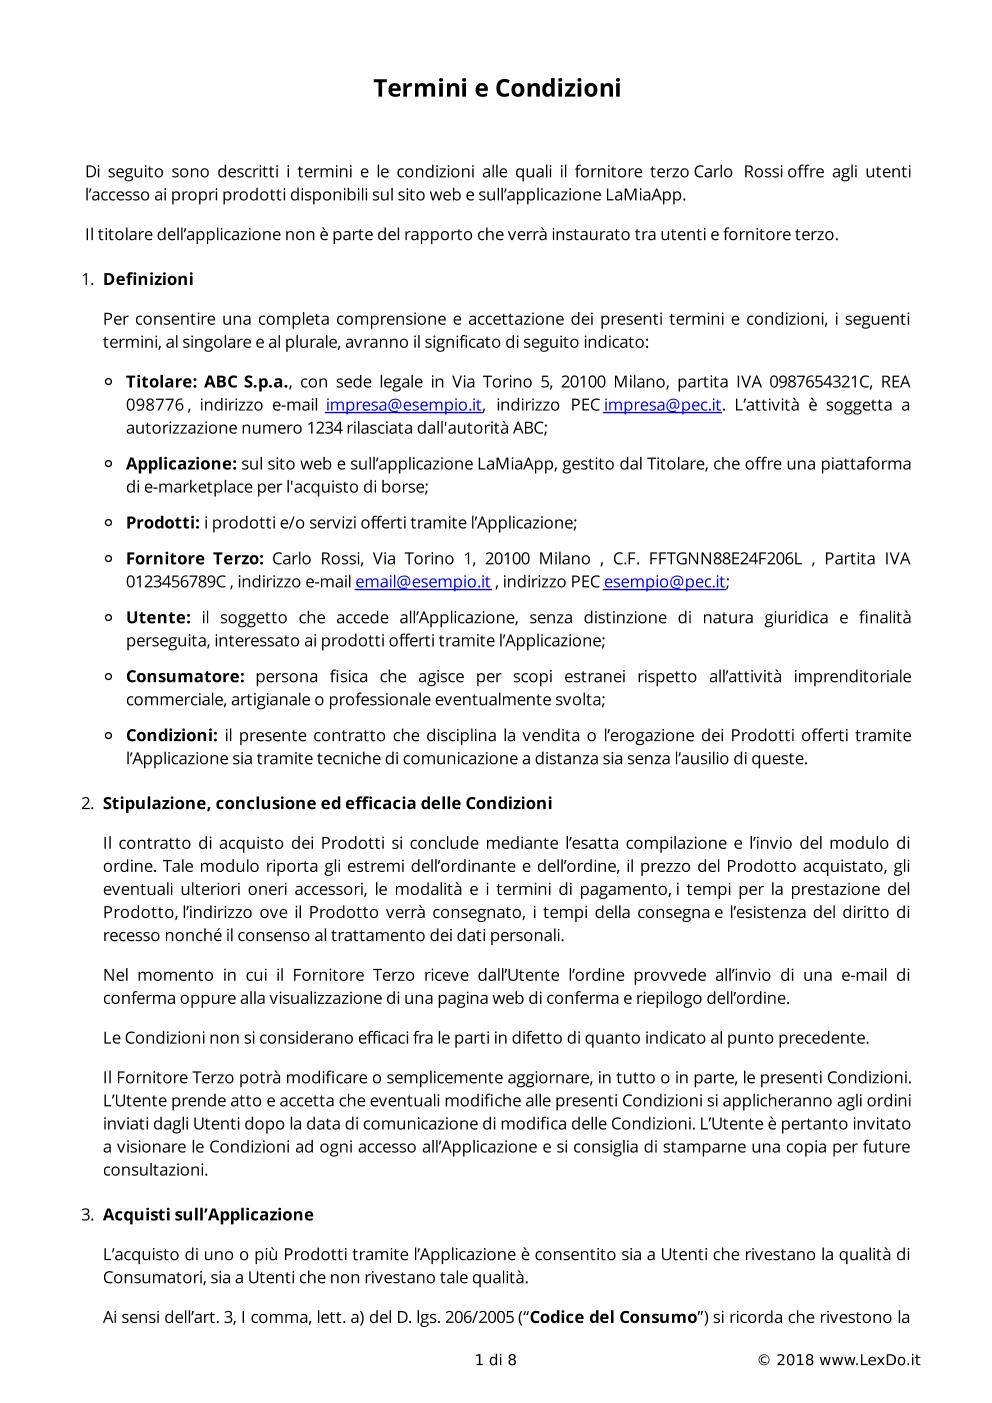 Condizioni di Vendita Fornitori Terzi E-marketplace modello